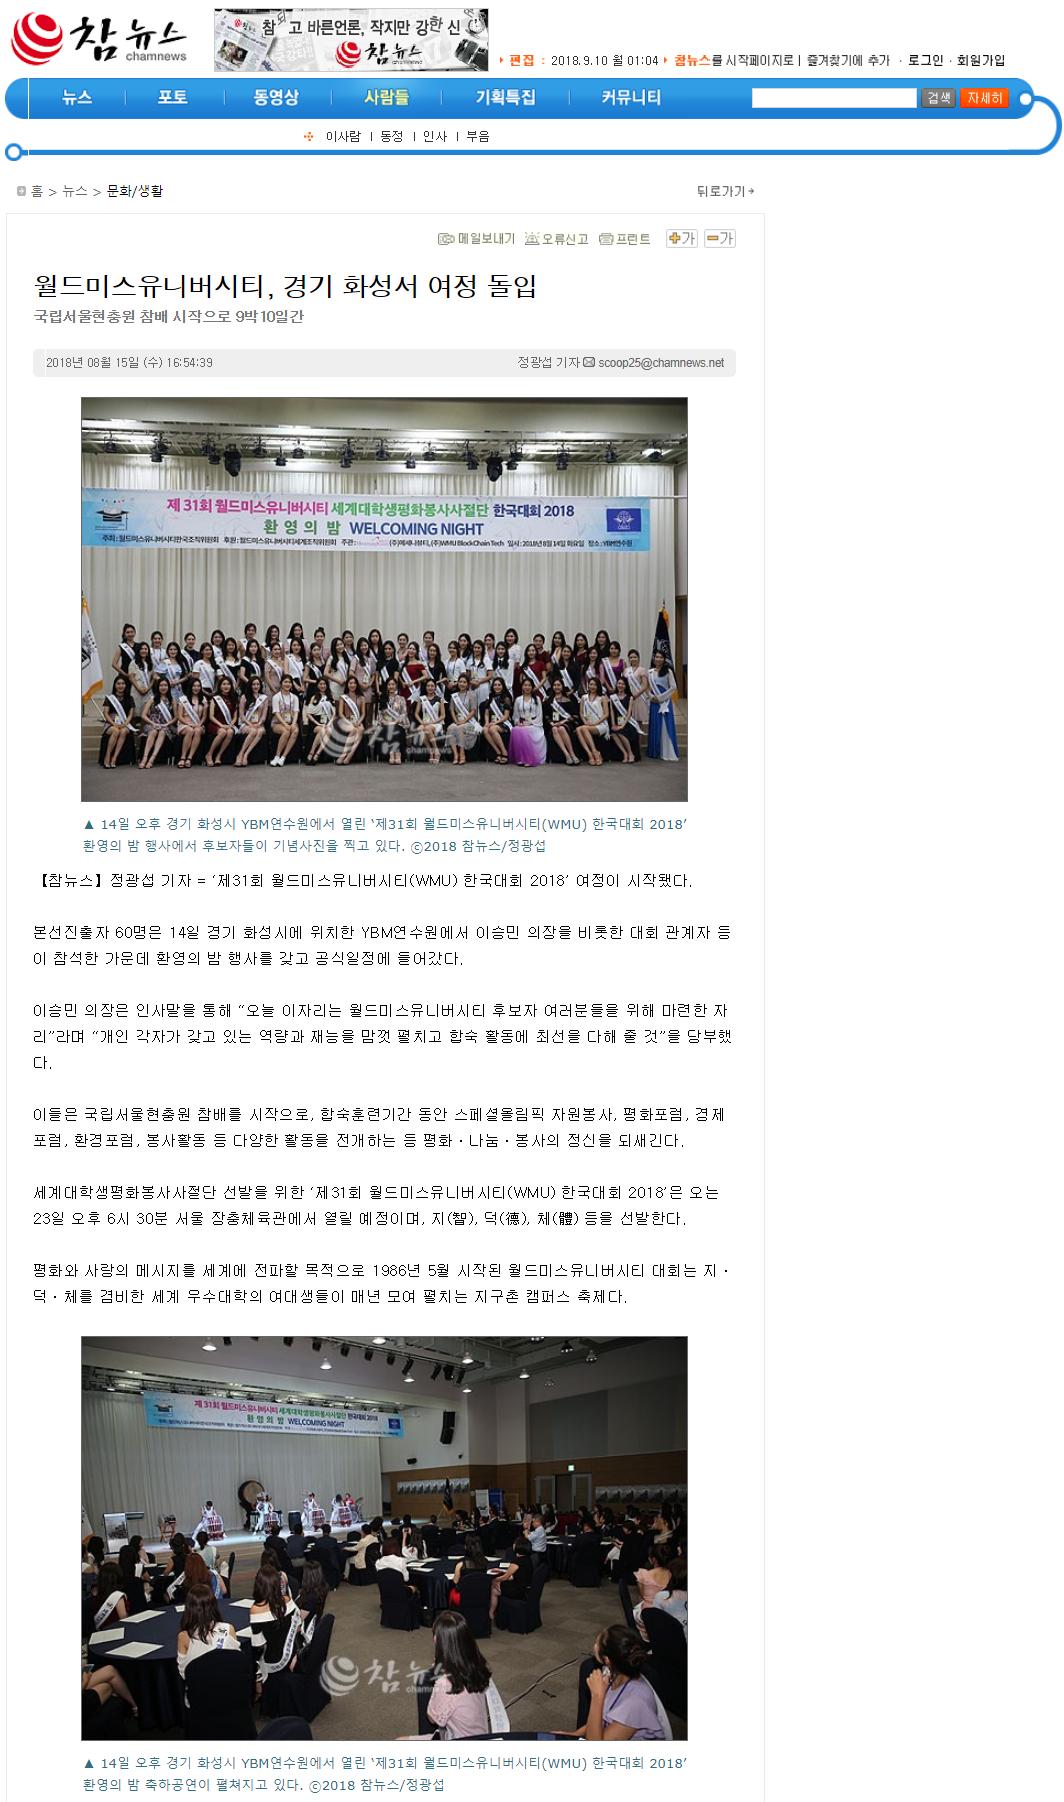 환영의밤 참뉴스.png